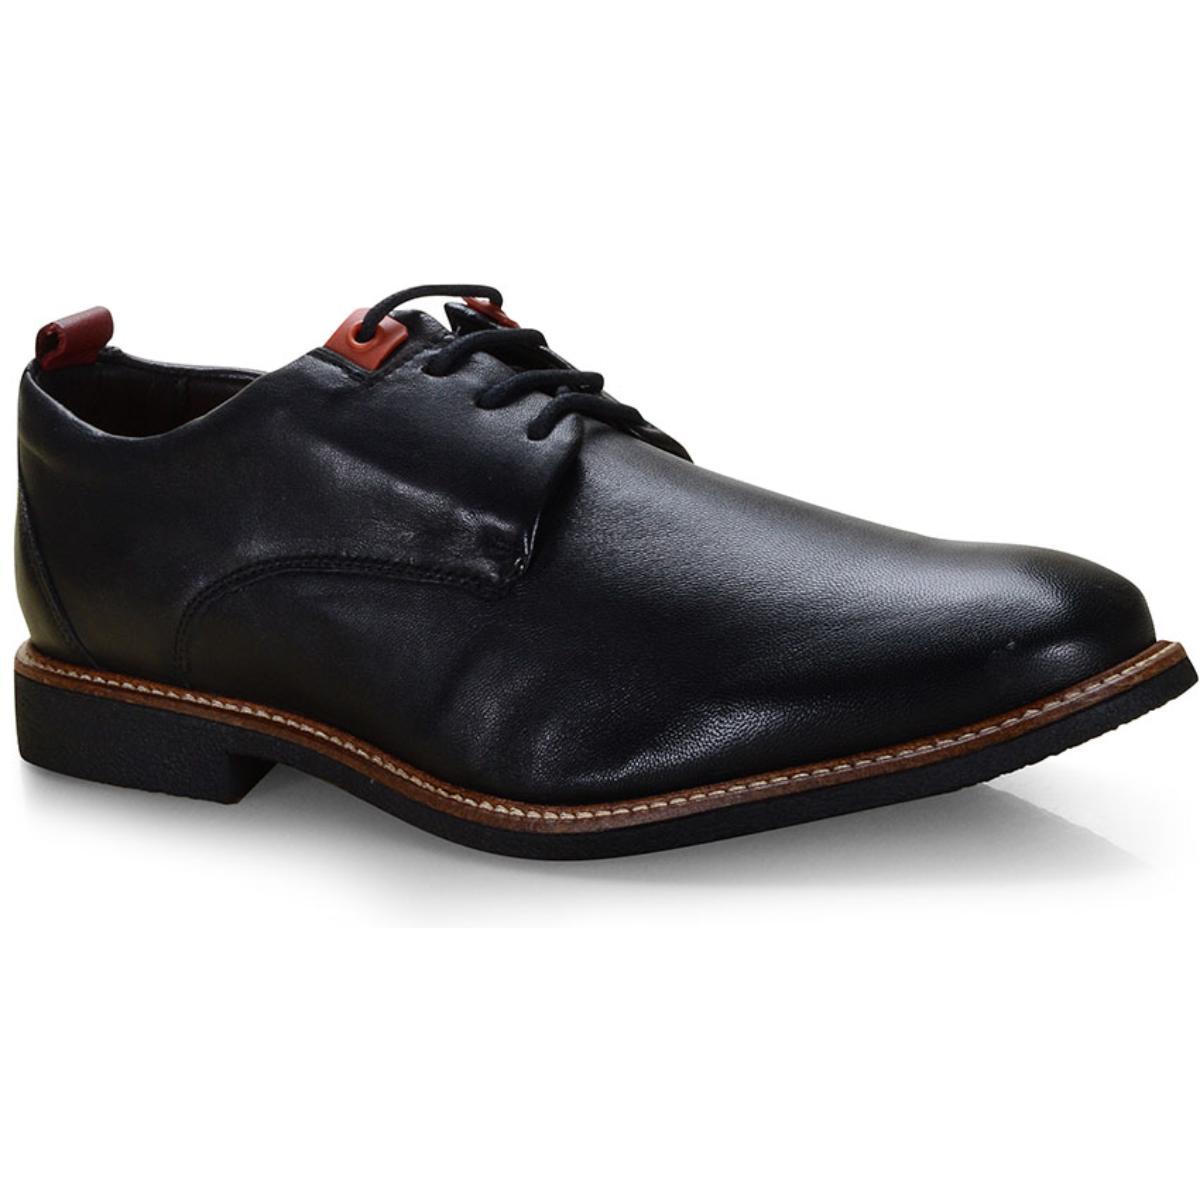 Sapato Masculino Ferracini 5365-1291g Preto